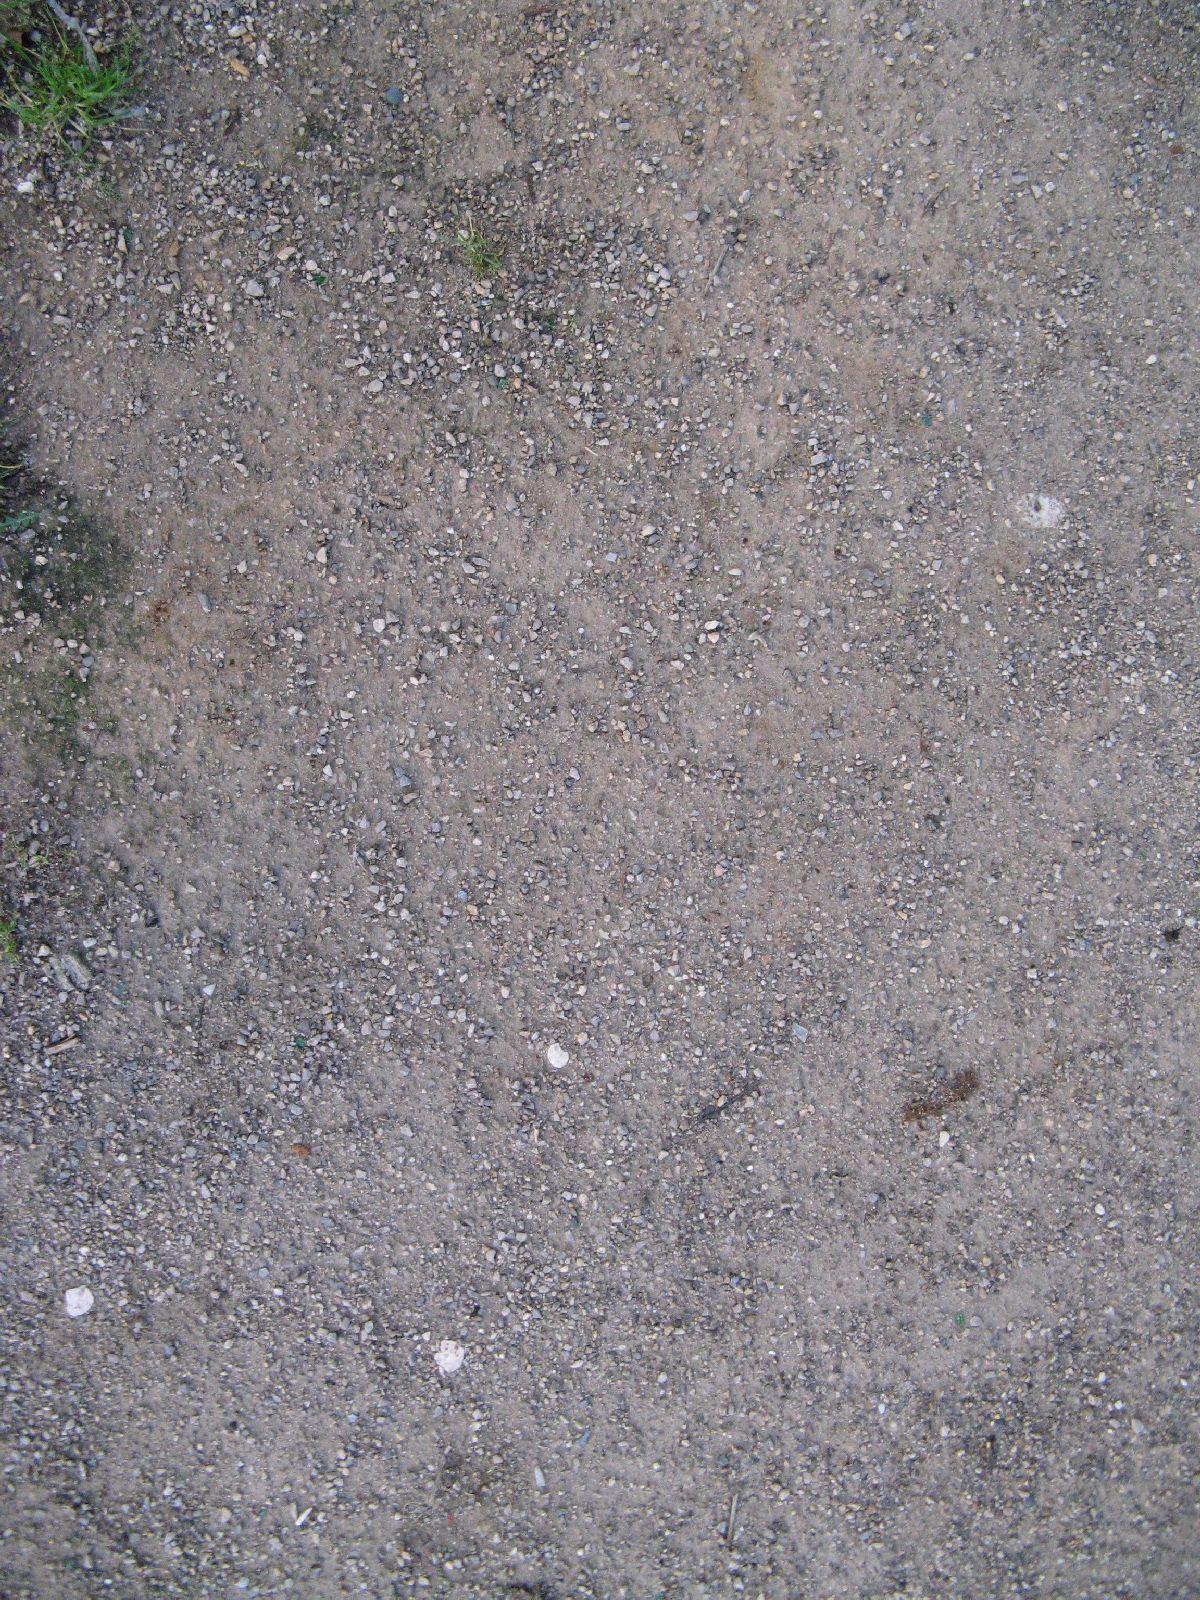 Ground-Urban_Texture_B_02824